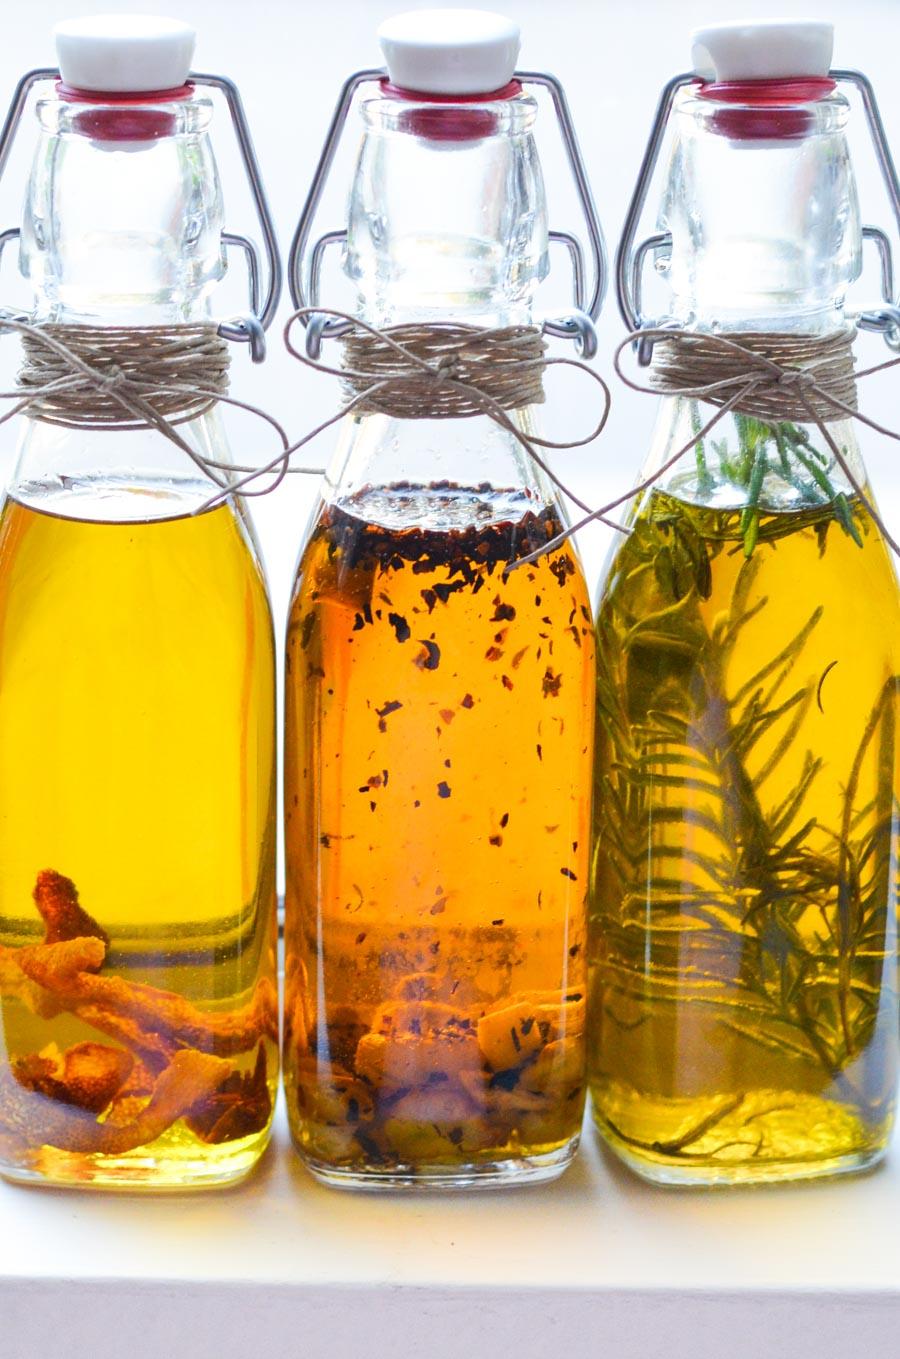 Golden Barrel Butter Flavored Coconut Oil  Flavored Oils